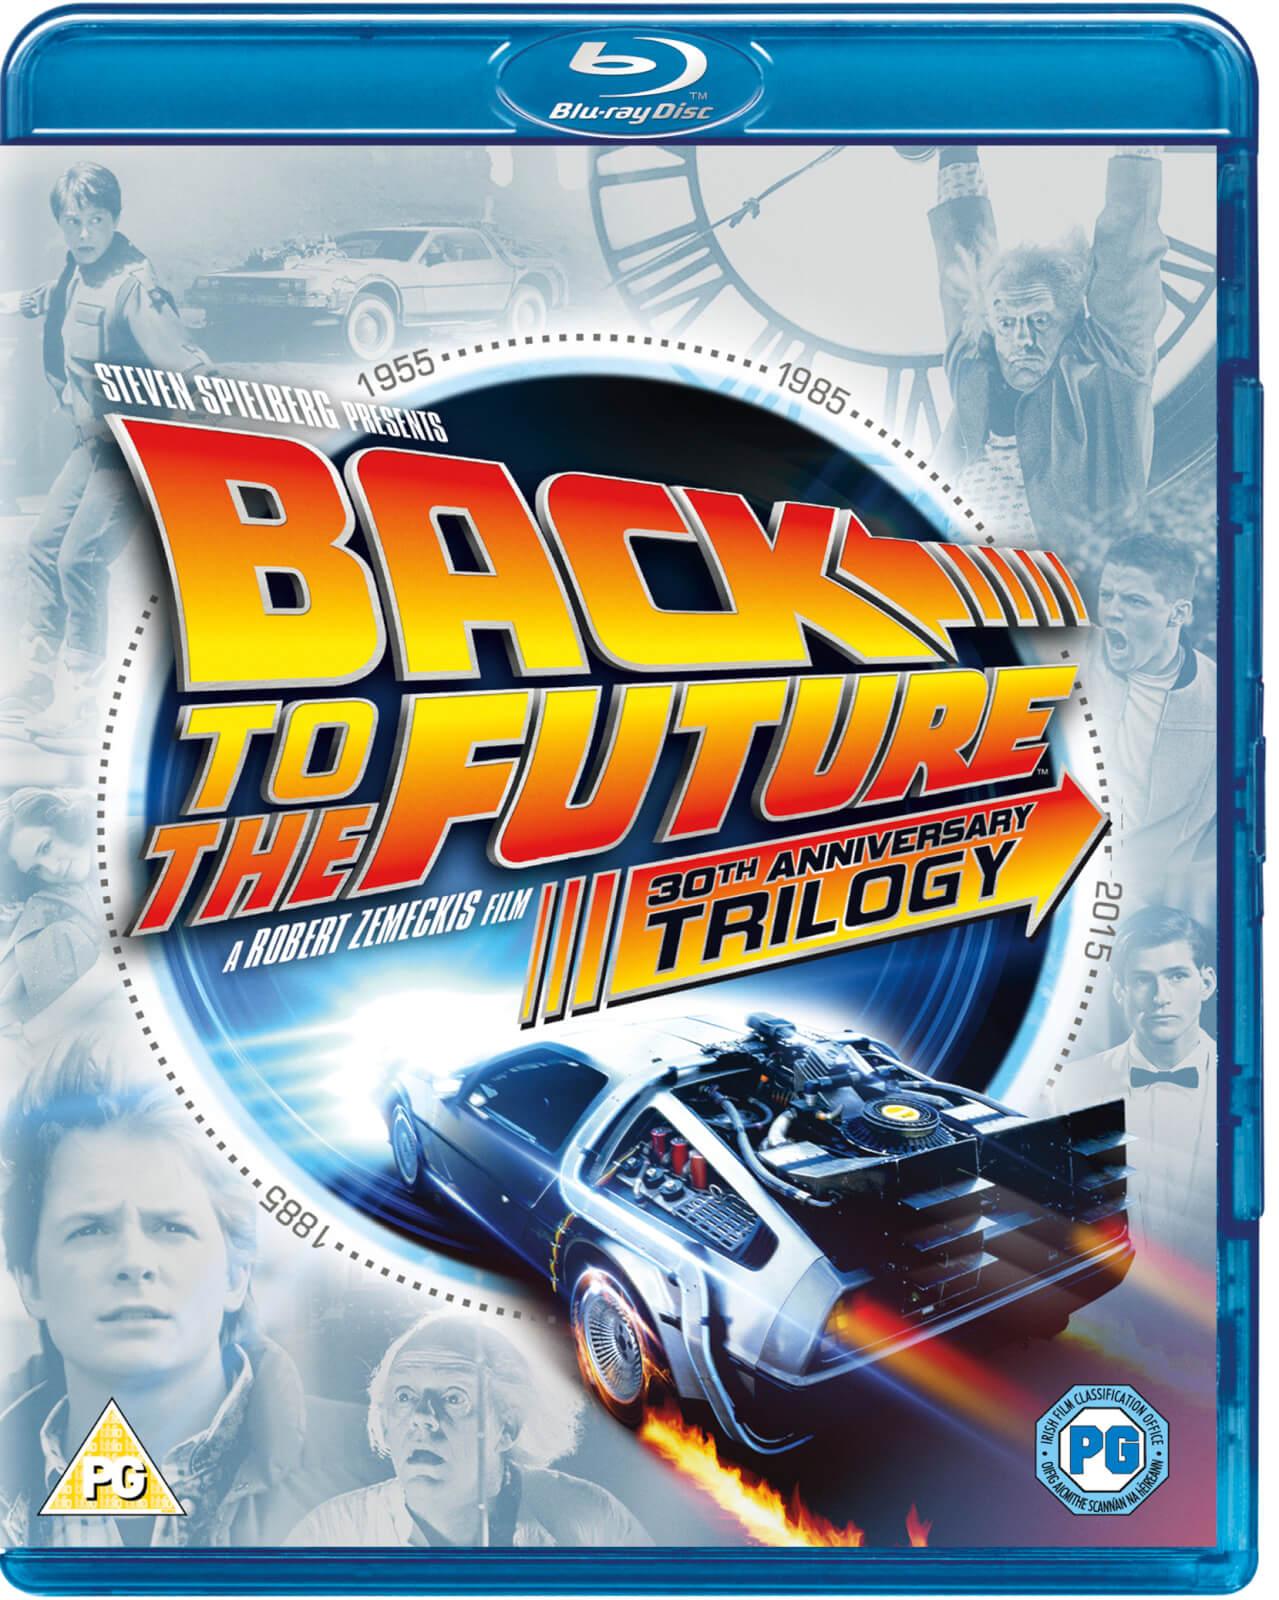 Zurück in die Zukunft - Blu-ray Trilogie